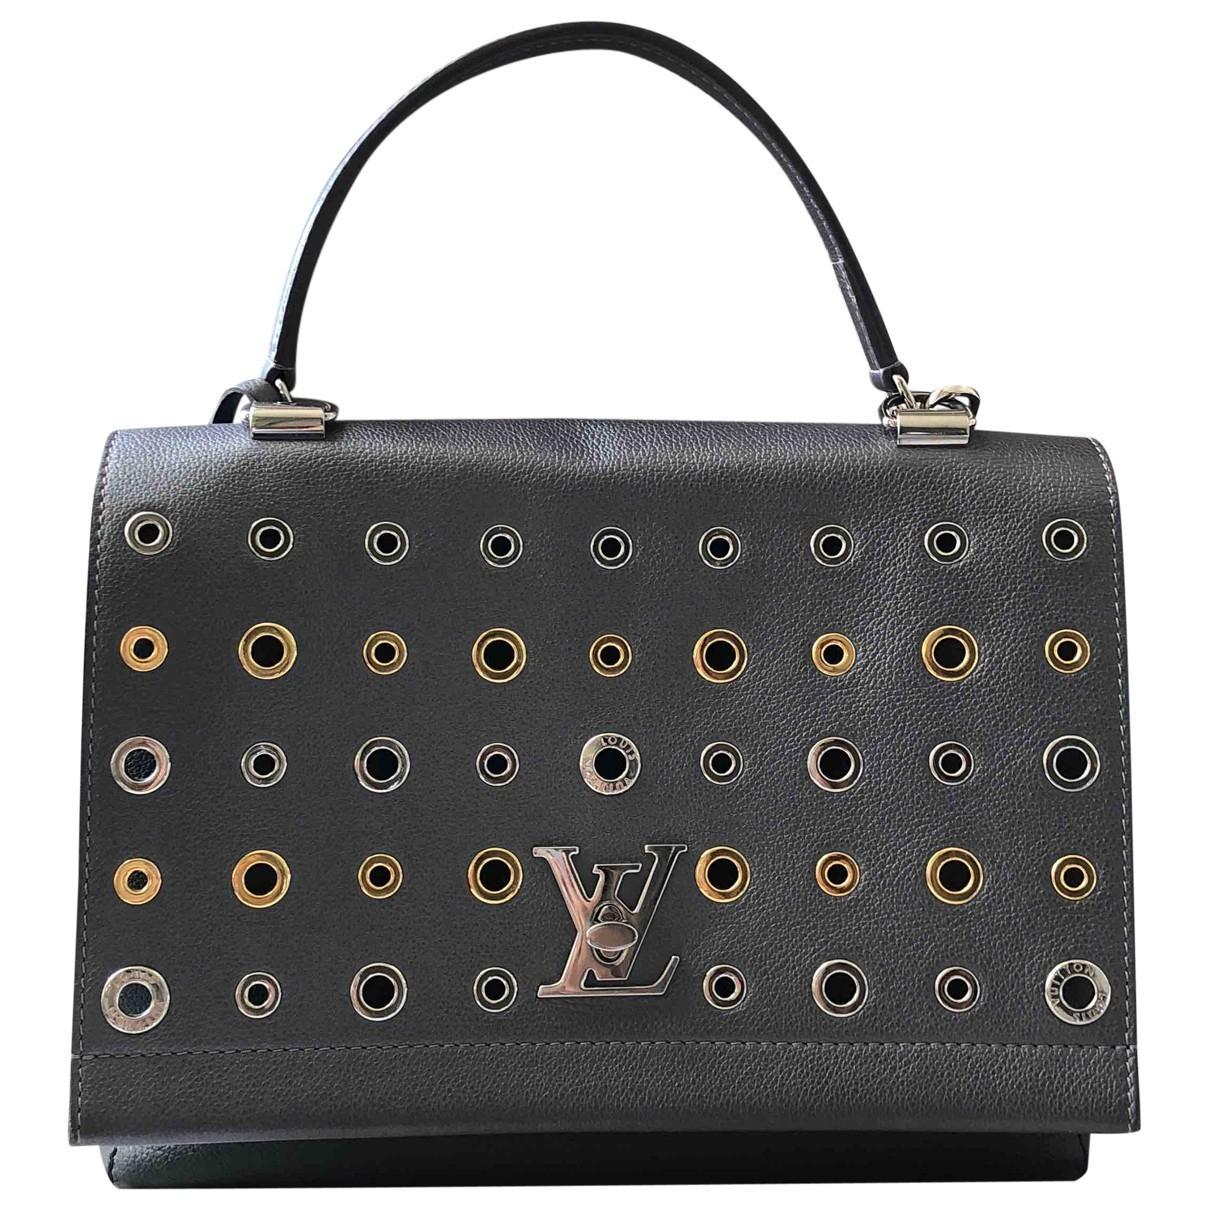 6664251f05bf Lyst - Sac à main en cuir Louis Vuitton en coloris Gris